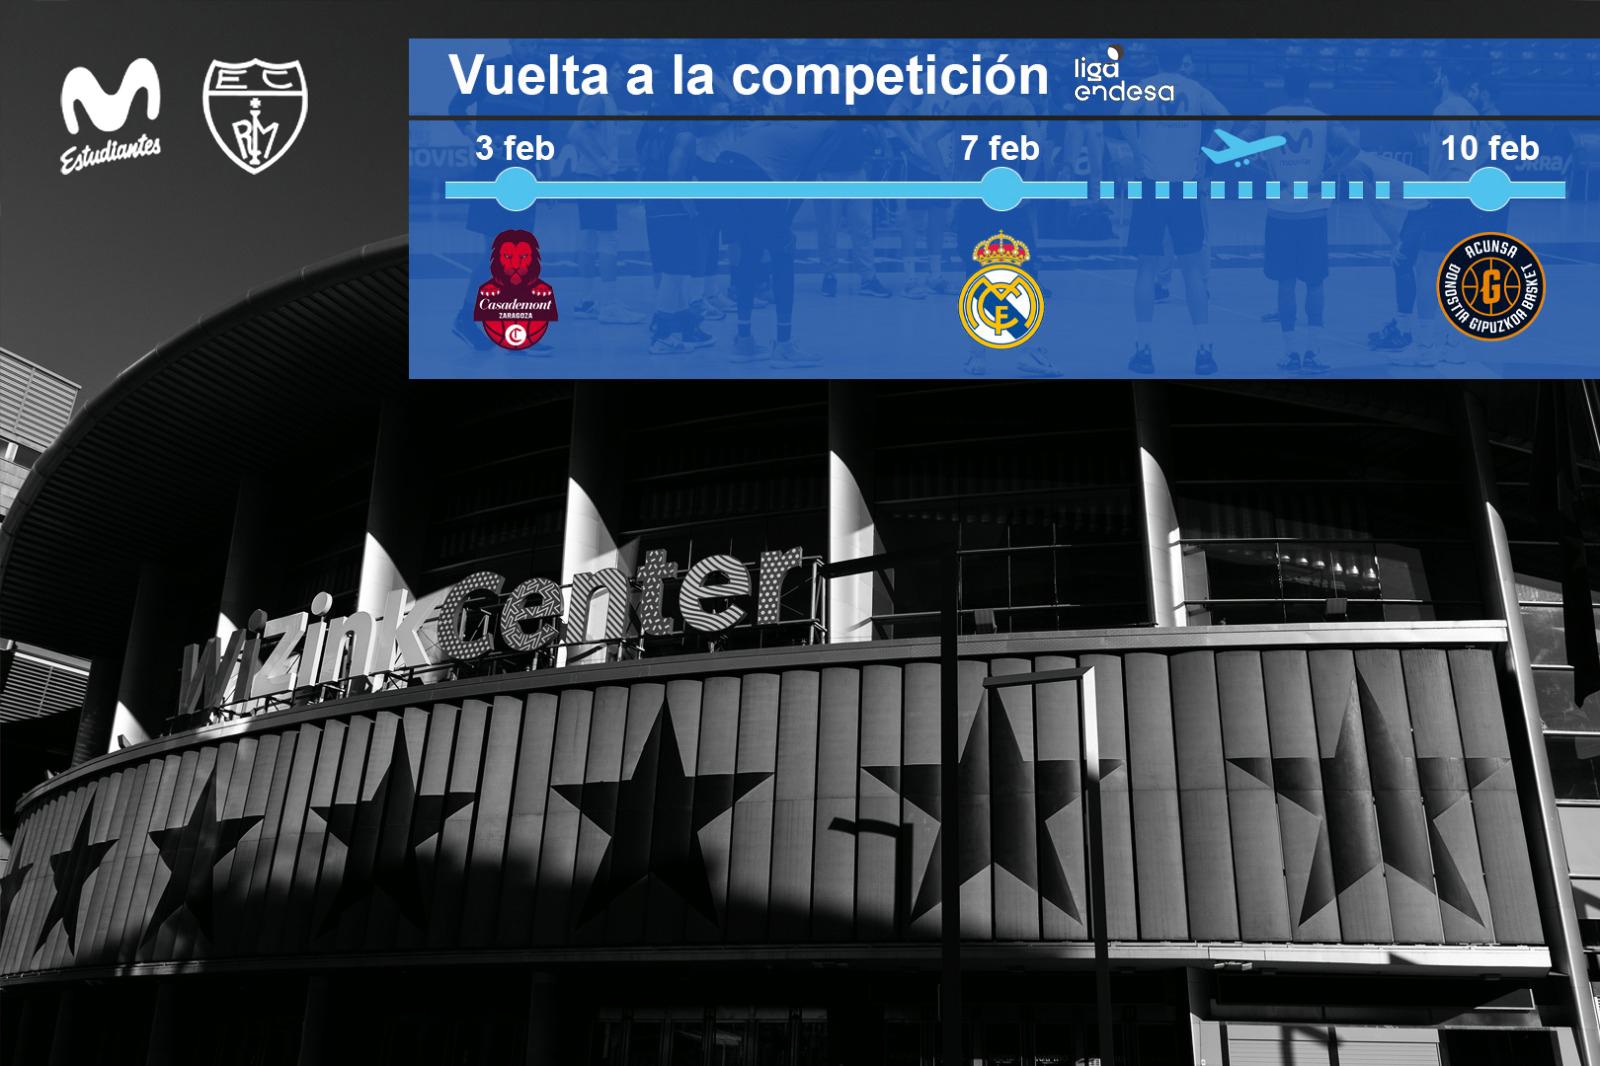 Liga Endesa: partidos ante Casademont, Real Madrid y Acunsa